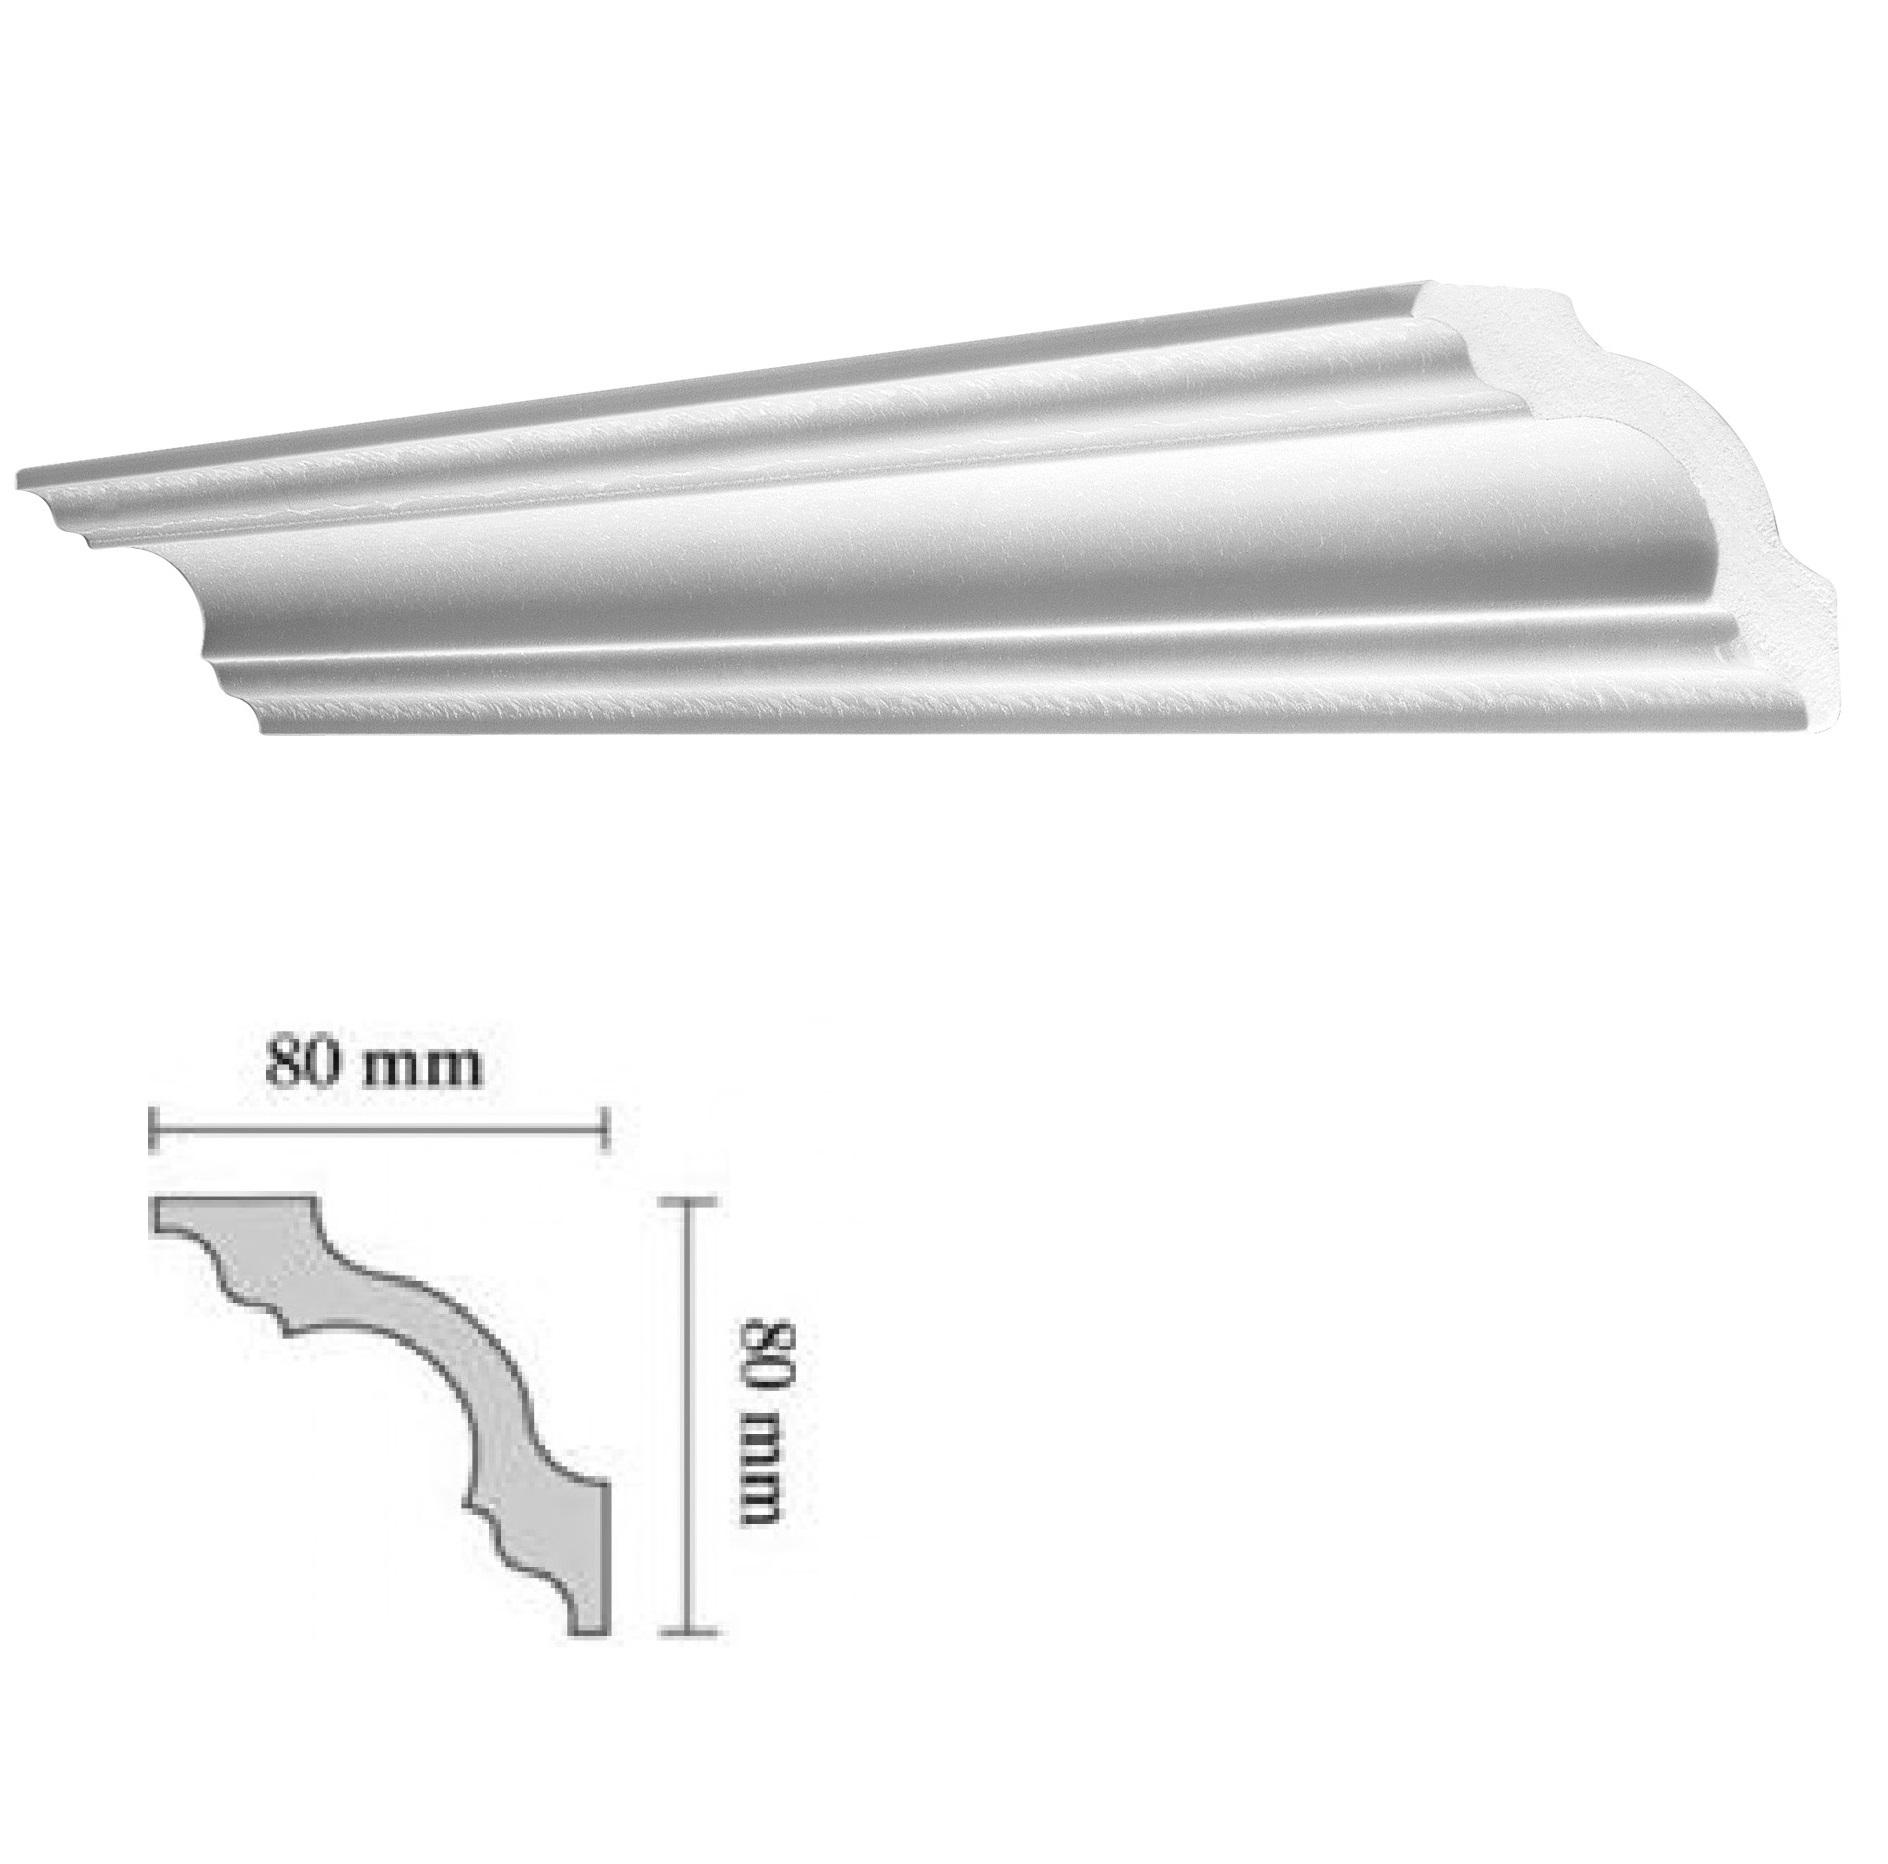 Baghete decorative Decosa- A80 (80x80cm)x50buc cod 13051 davopro 2021